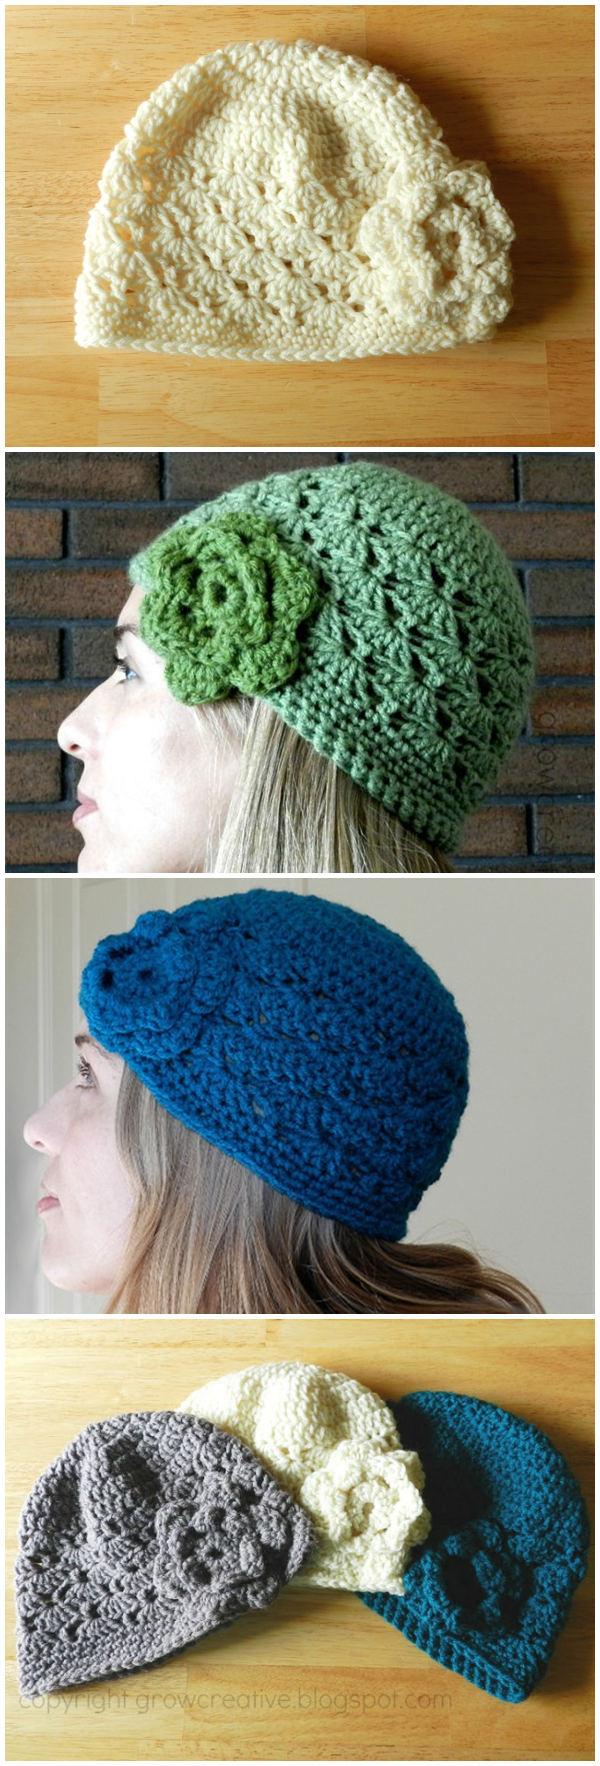 Shell Stitch Crochet Hat Free Pattern